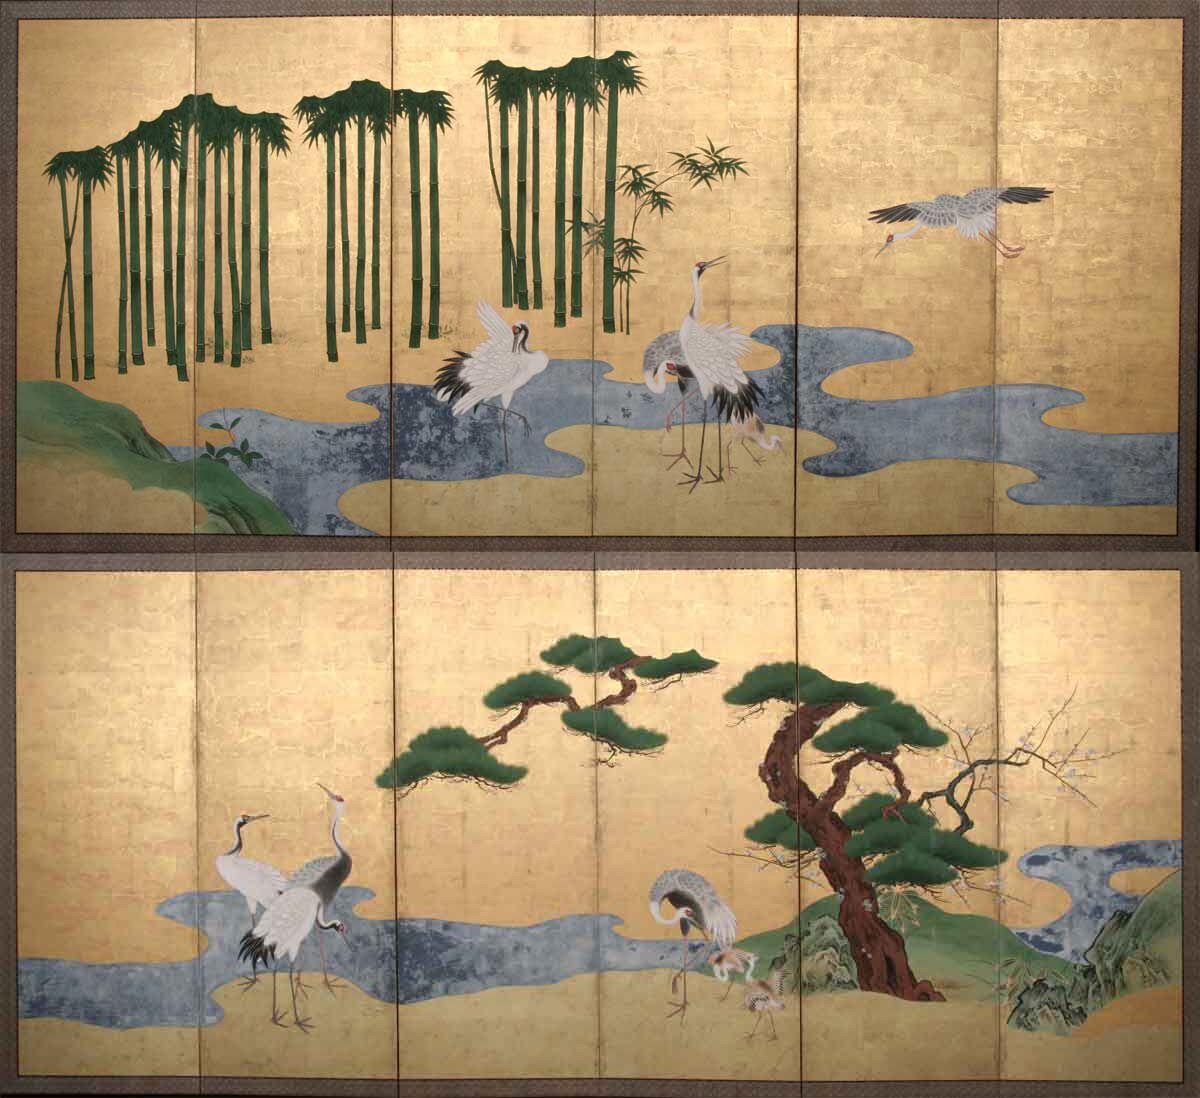 Paio di paraventi a sei ante, ciascuno decorato con inchiostro e foglie in oro, raffiguranti delle gru del paradiso vicine a un fiu me con pini, pruni e bamboo. In ottimo stato di conservazione. Giappone, XVIII secolo.